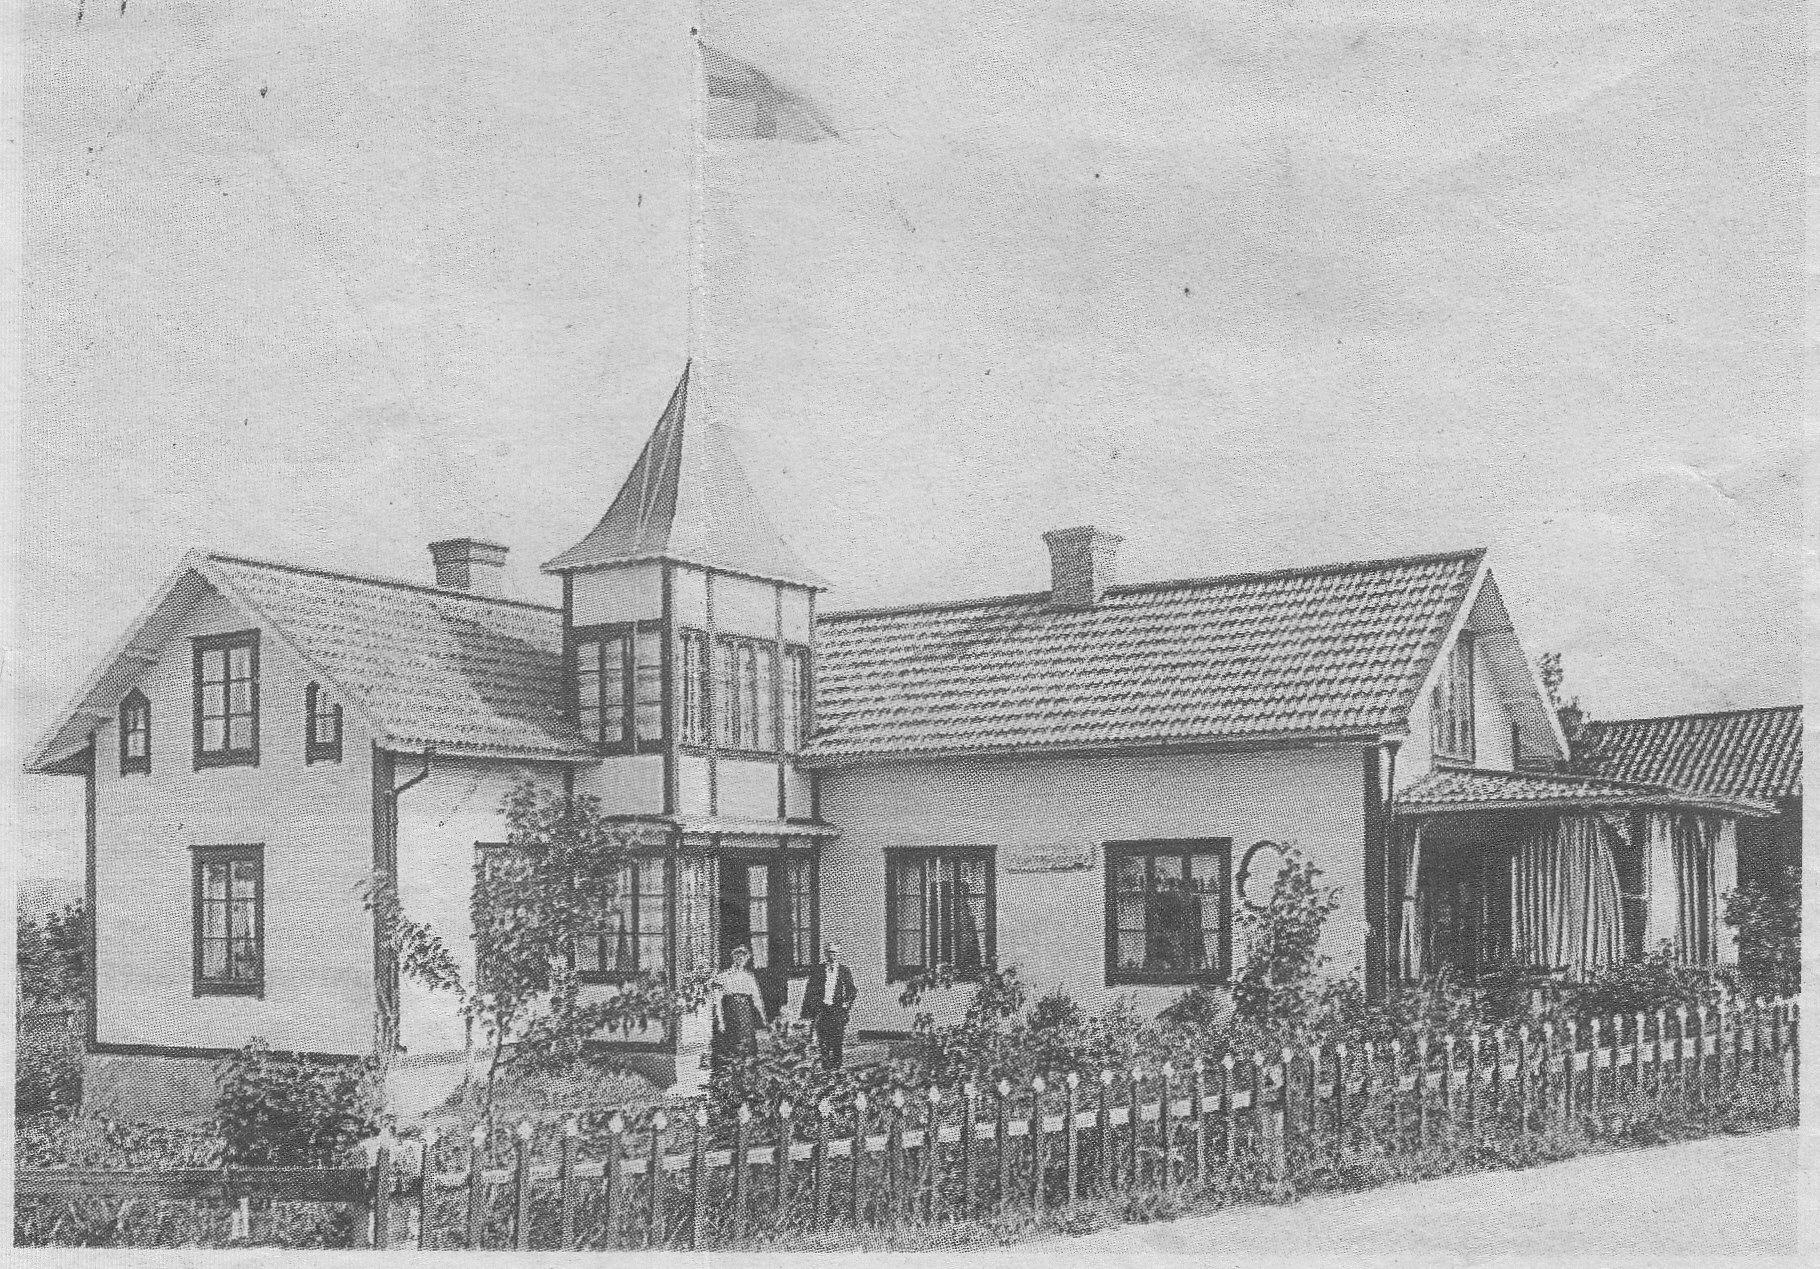 Elmsta omkring 1912. Charlotta och Frans Gottfrid Wicklander drev kaféet. Bild ur Norrtälje tidning.